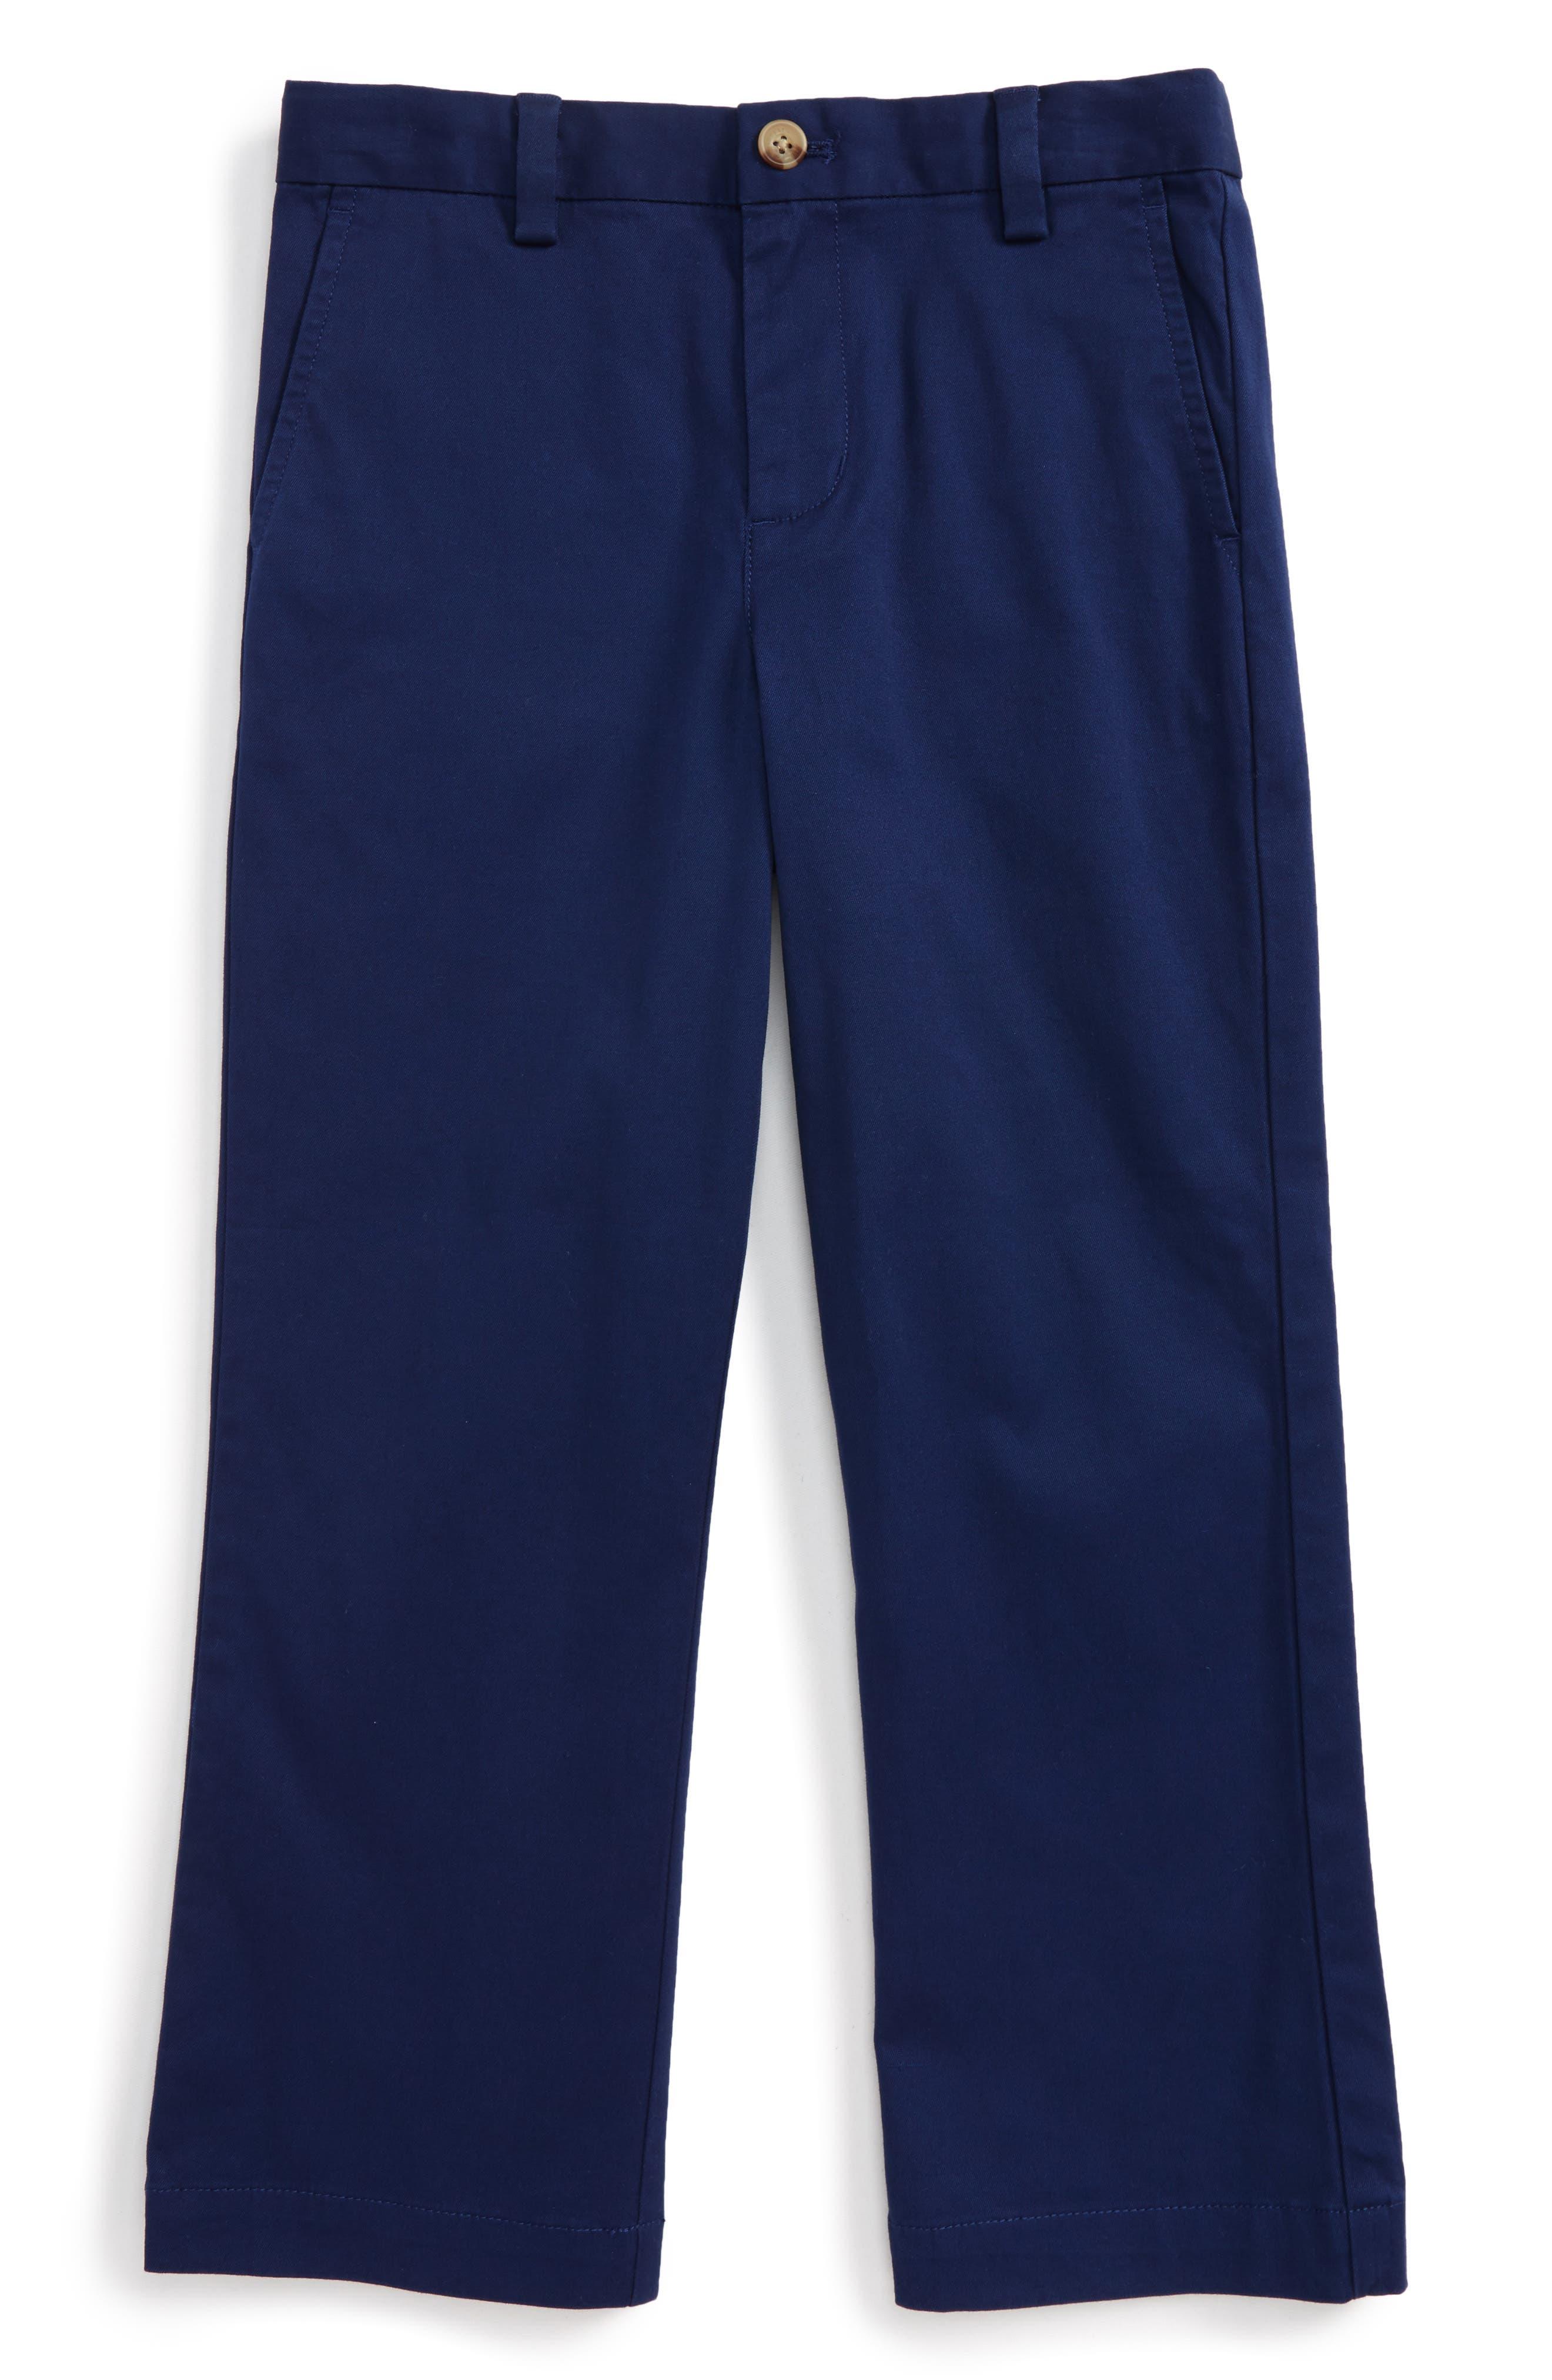 Vineyard Vines 'Breaker' Pants (Toddler Boys & Little Boys)